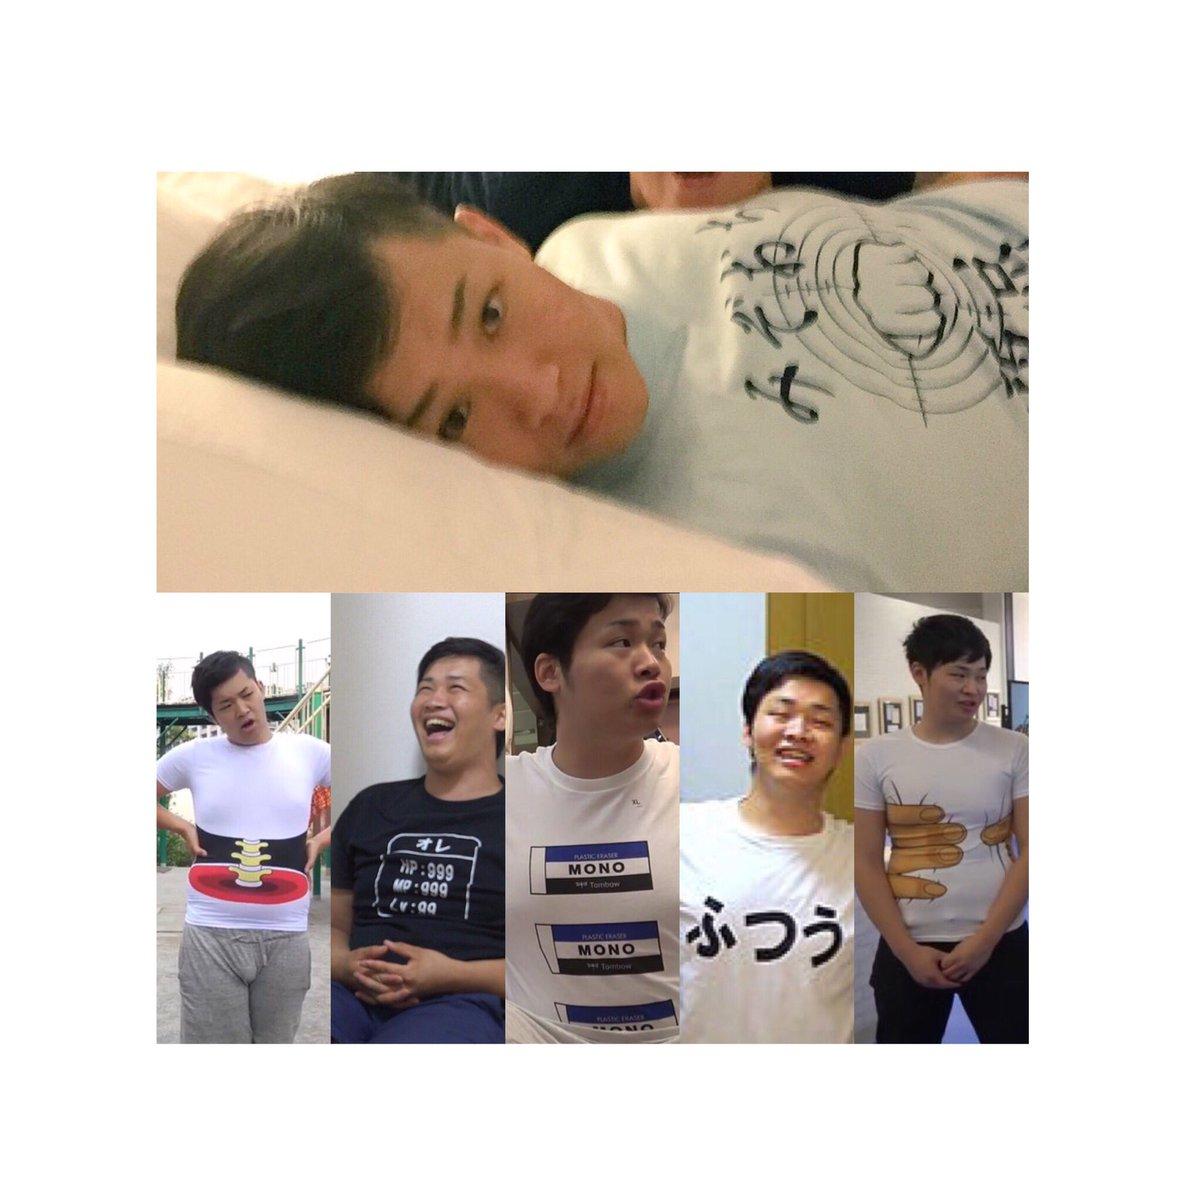 おもしろシャツ pic.twitter.com/gFGuprVTw5